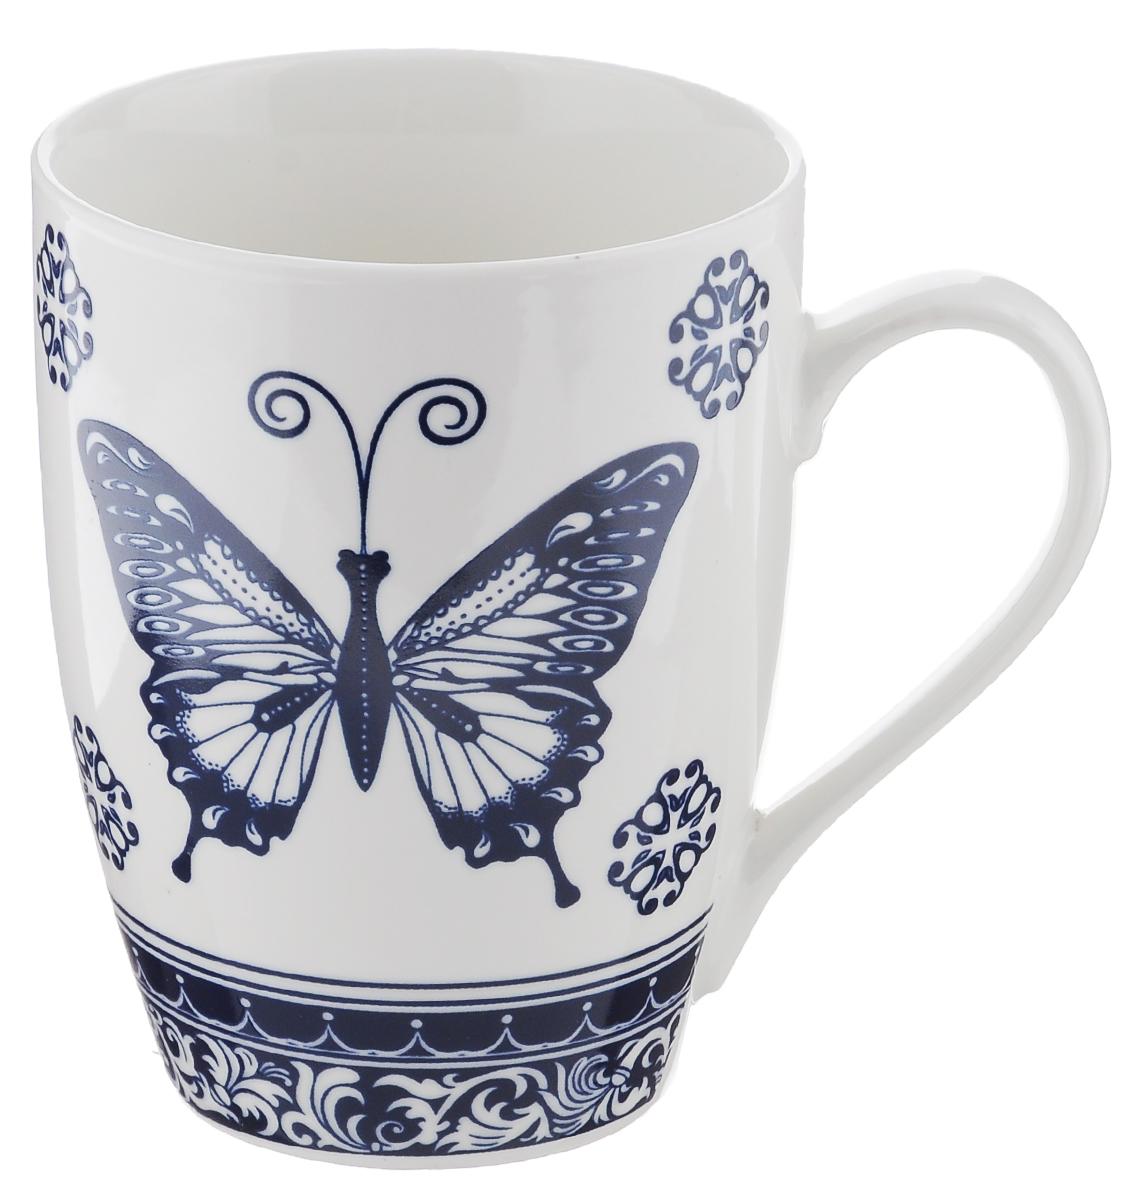 Кружка Miolla, цвет: белый, синий, 340 мл. 2010060U-12010060U-1Оригинальная кружка Miolla, выполненная из фарфора, сочетает в себе изысканный дизайн с максимальной функциональностью. Кружка украшена оригинальным выразительным рисунком. Красочность оформления кружки придется по вкусу и ценителям классики, и тем, кто предпочитает утонченность и изысканность. Диаметр (по верхнему краю): 8 см. Высота: 11 см. Объем: 340 мл.